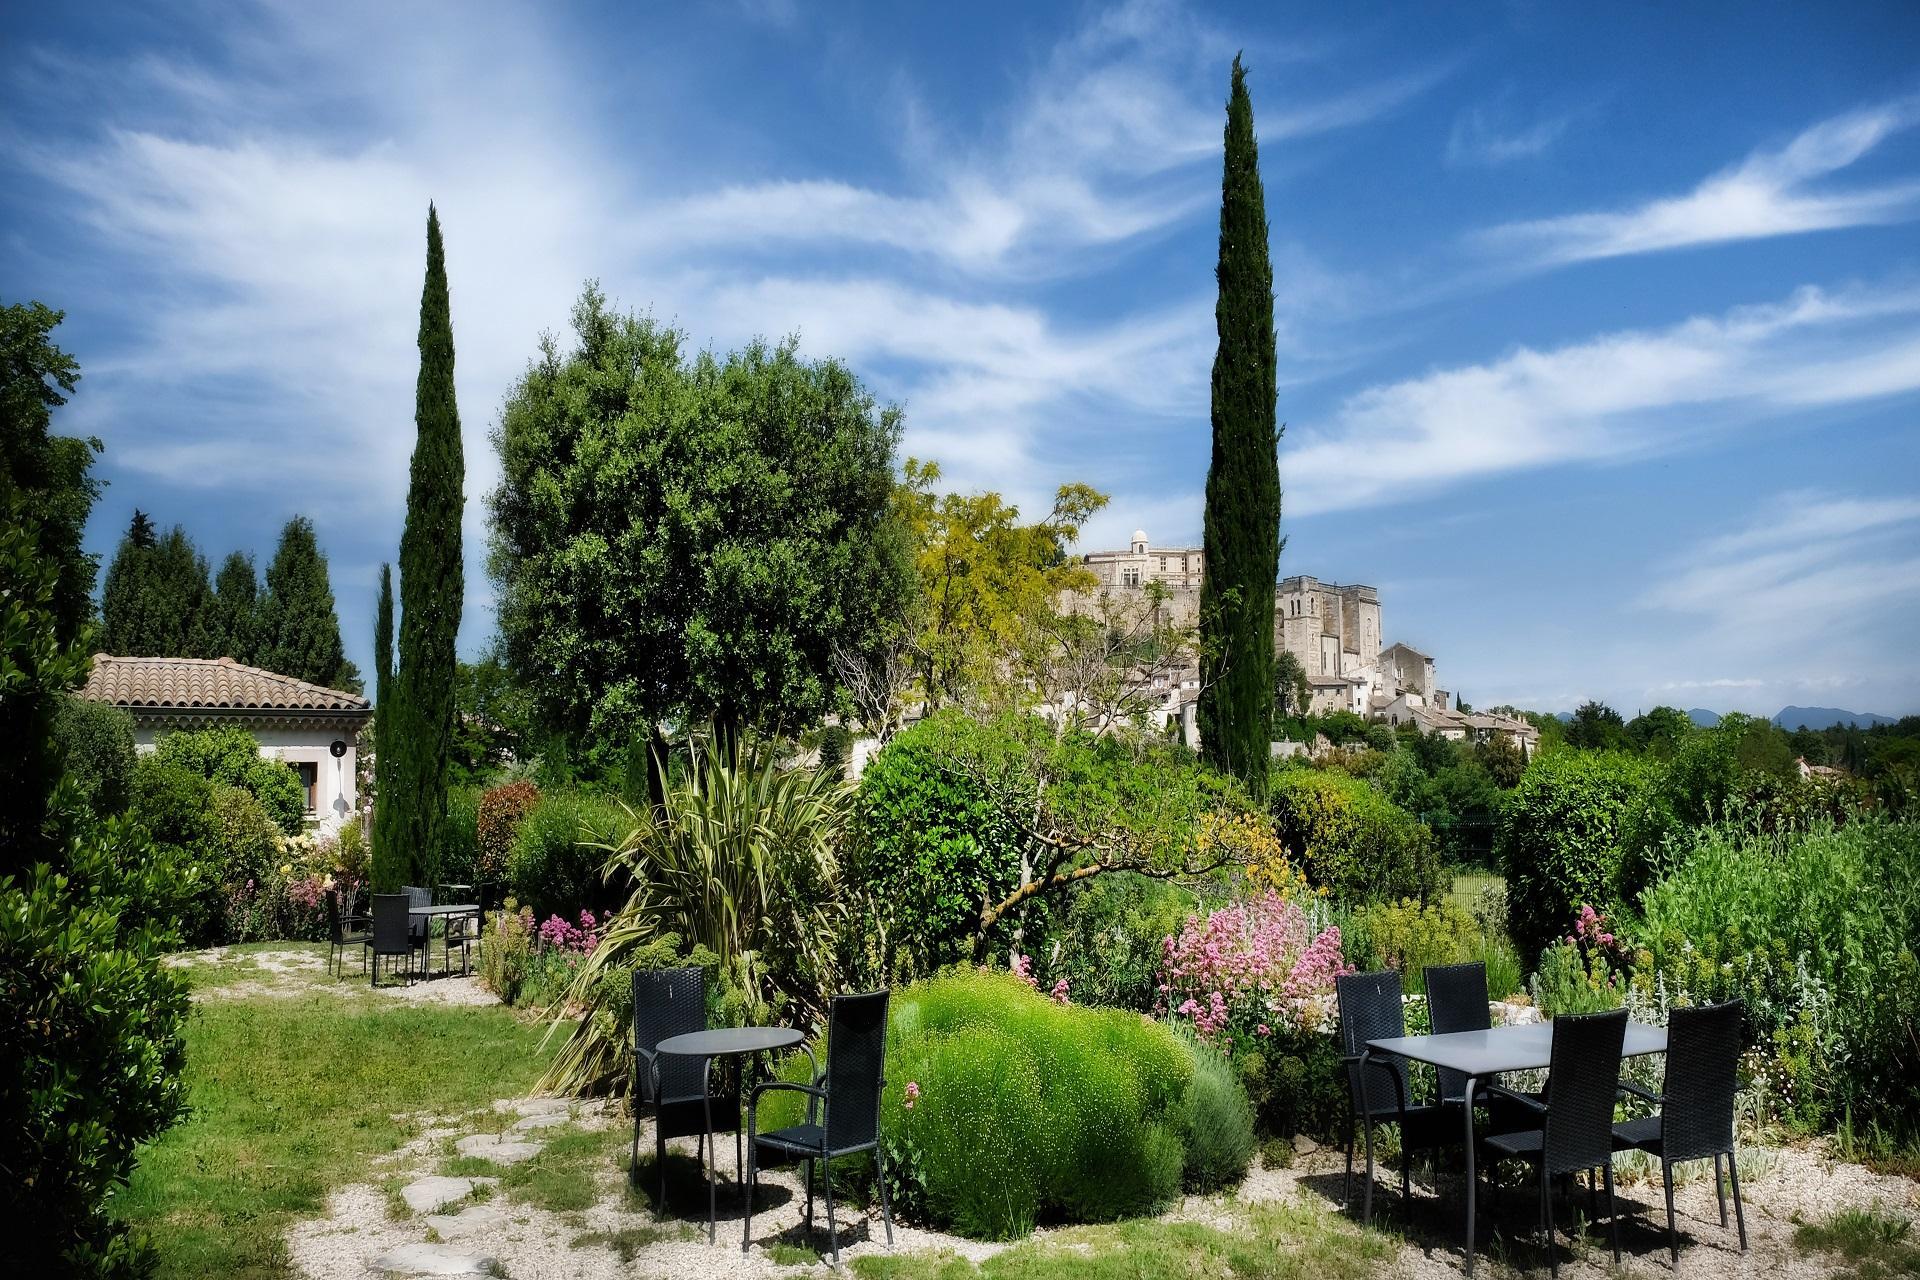 les-maisons-du-clair-de-la-plume-grignan-drome-jardin-mediteraneen